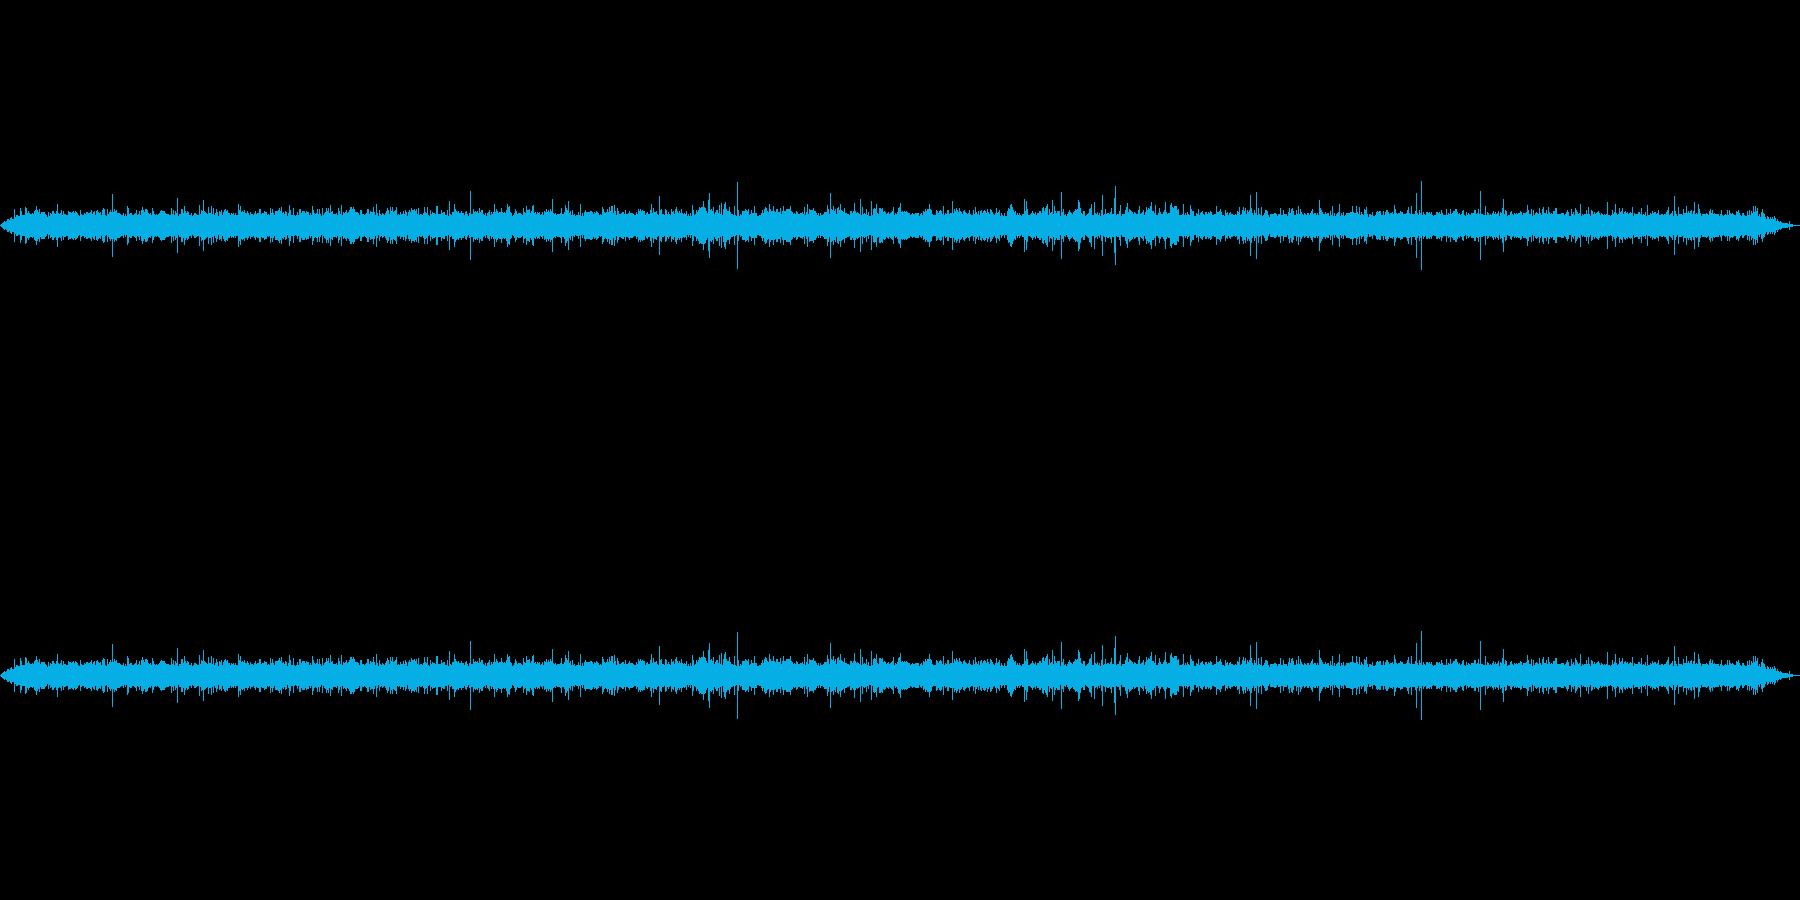 【自然音】里山01(高尾陣場)の再生済みの波形